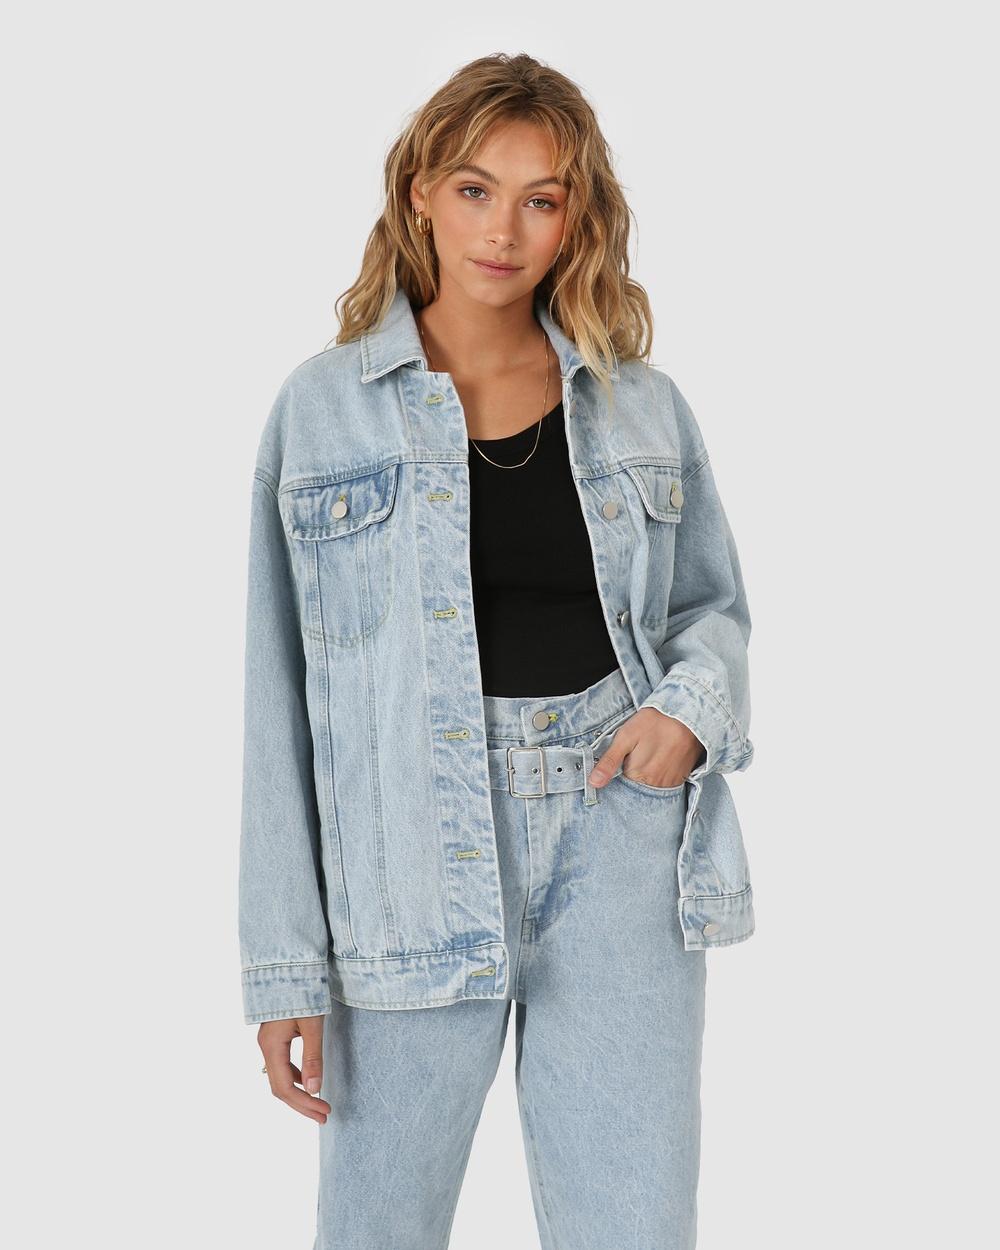 Madison The Label Skye Denim Jacket jacket Blue Australia